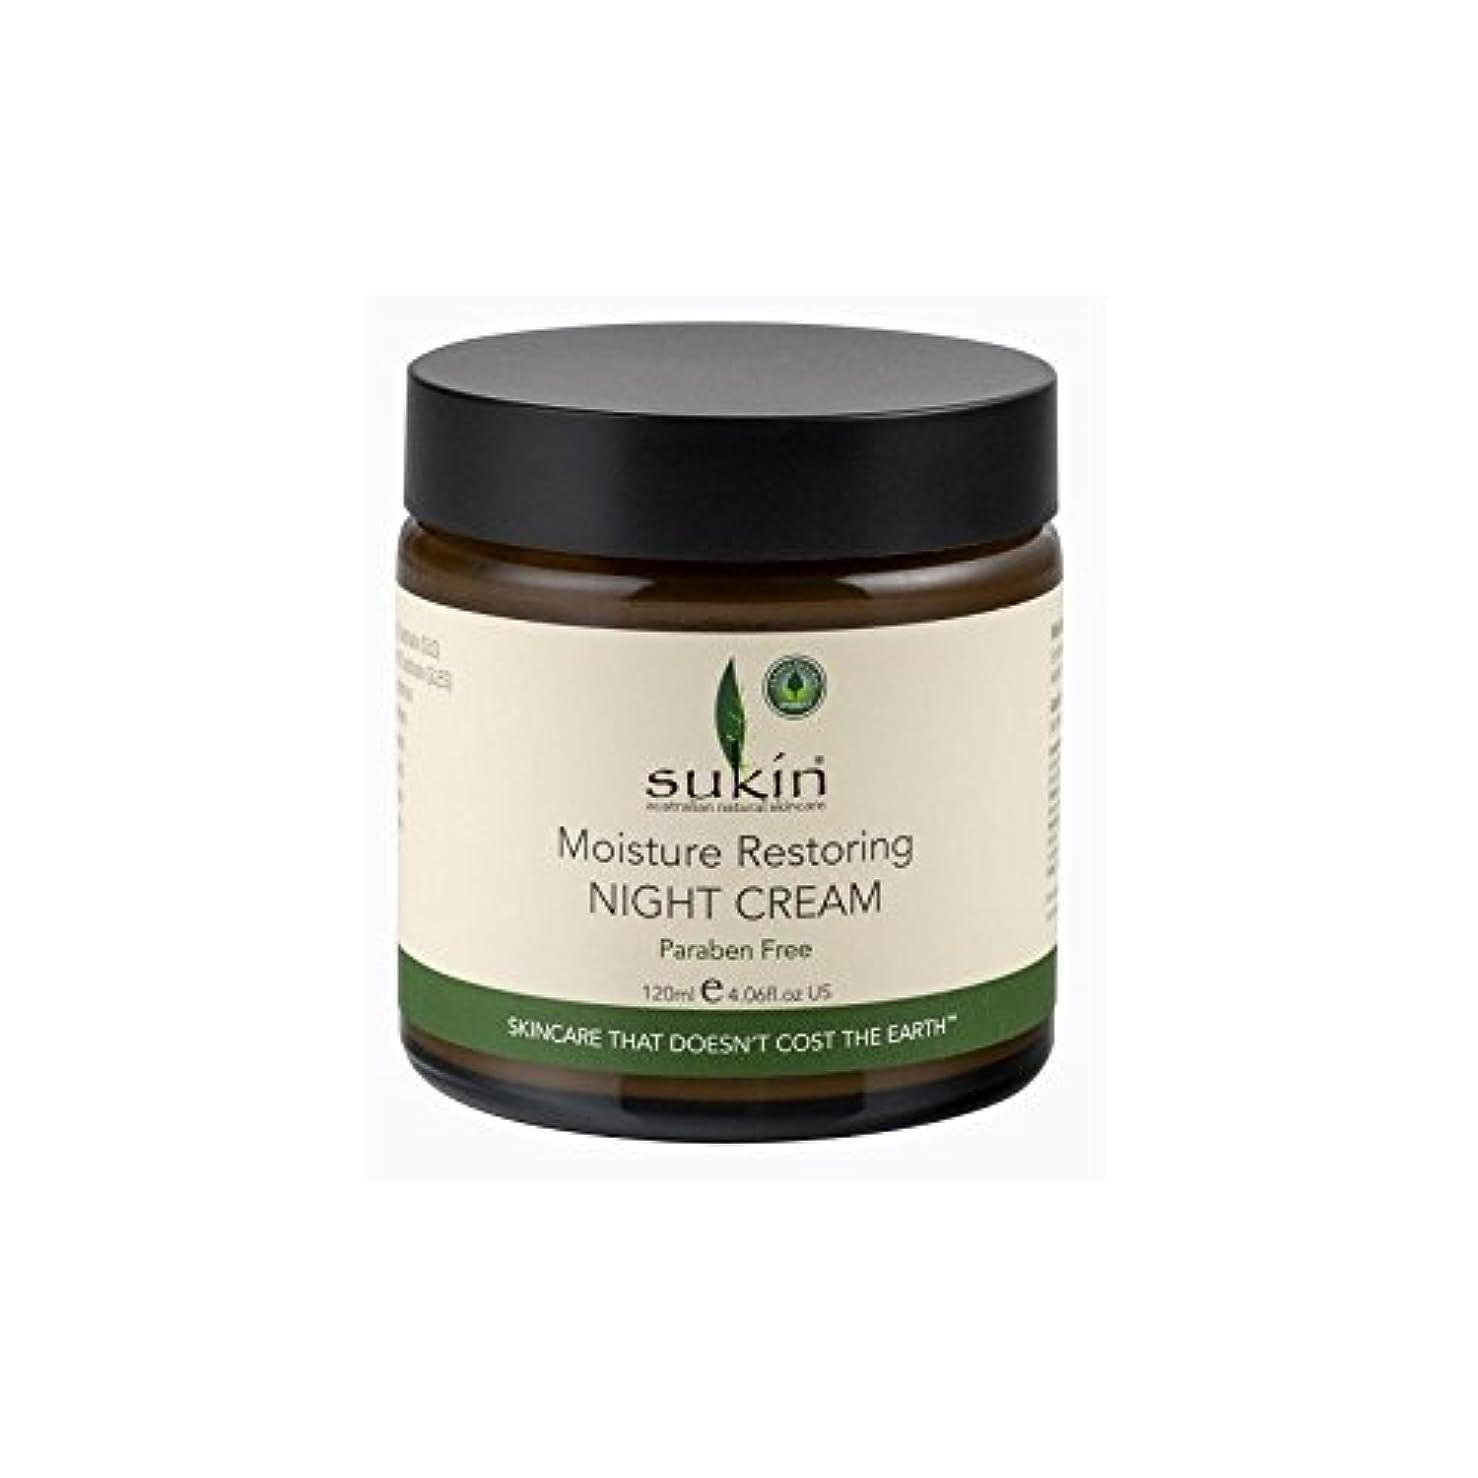 探検トランクライブラリ若い水分復元ナイトクリーム(120ミリリットル) x4 - Sukin Moisture Restoring Night Cream (120ml) (Pack of 4) [並行輸入品]